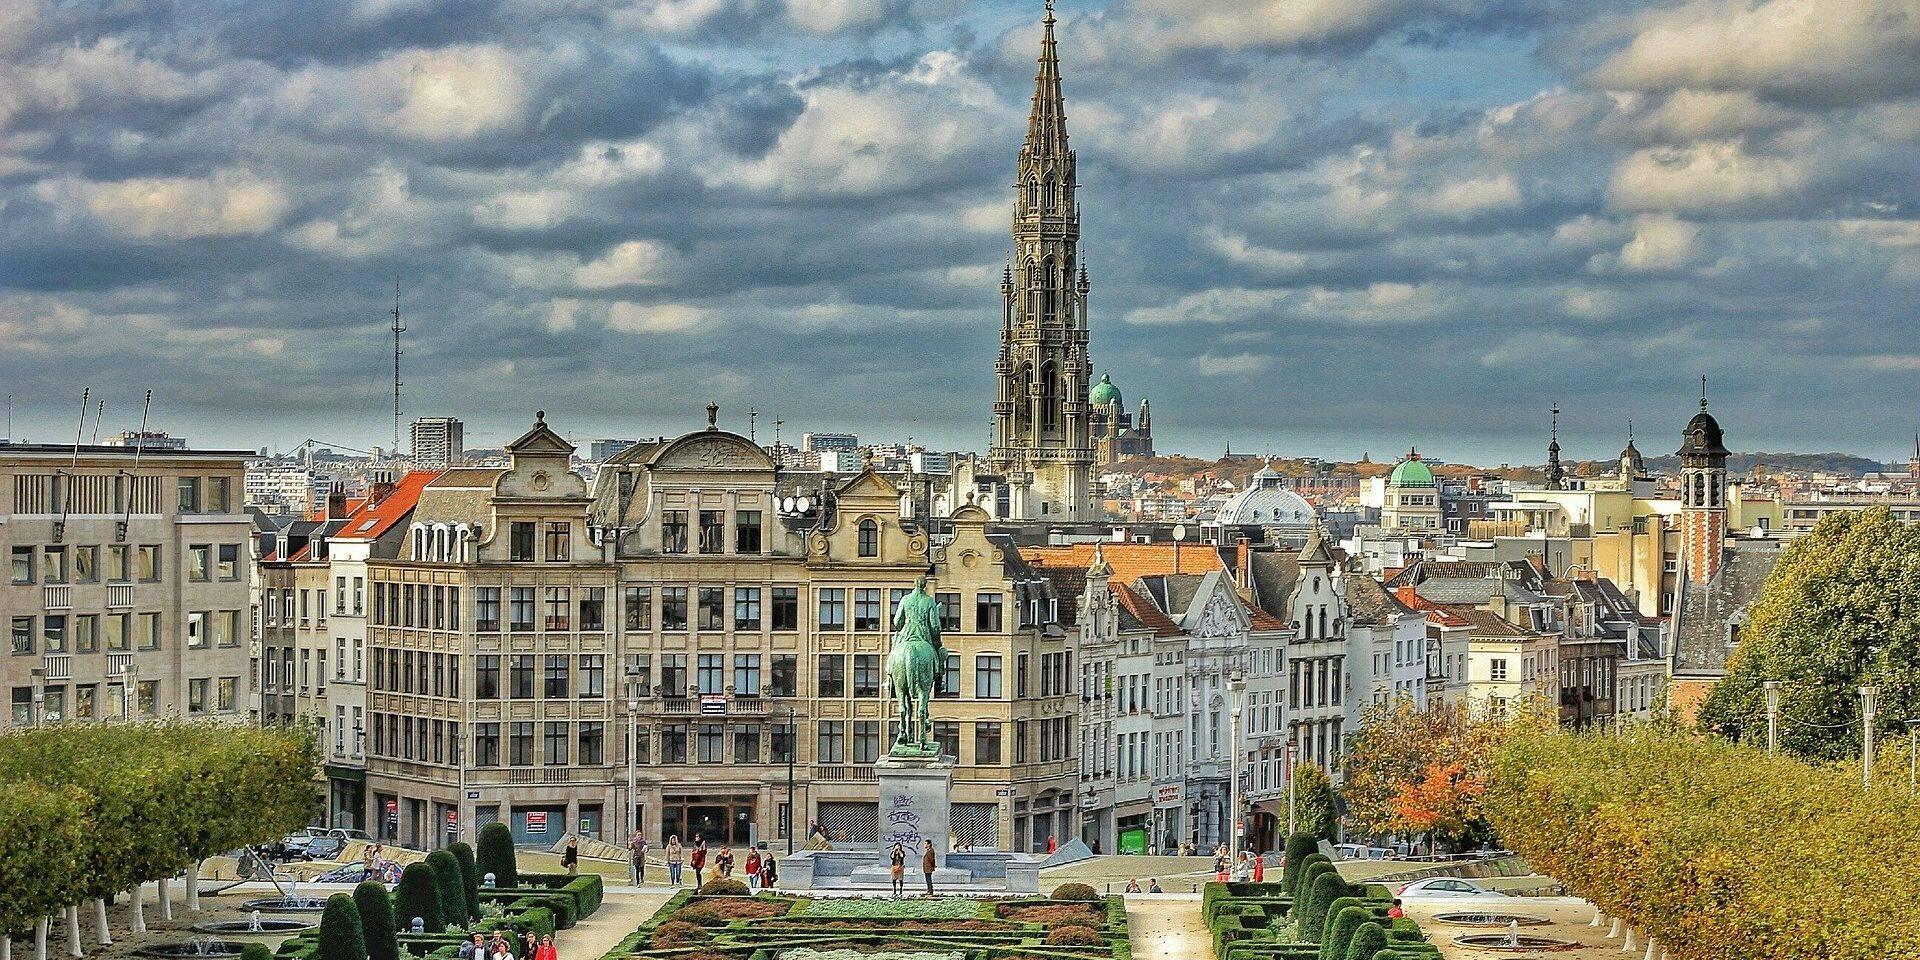 """Une étude dévoile le classement des villes les plus """"honnêtes"""" au monde, Bruxelles en mauvaise posture"""